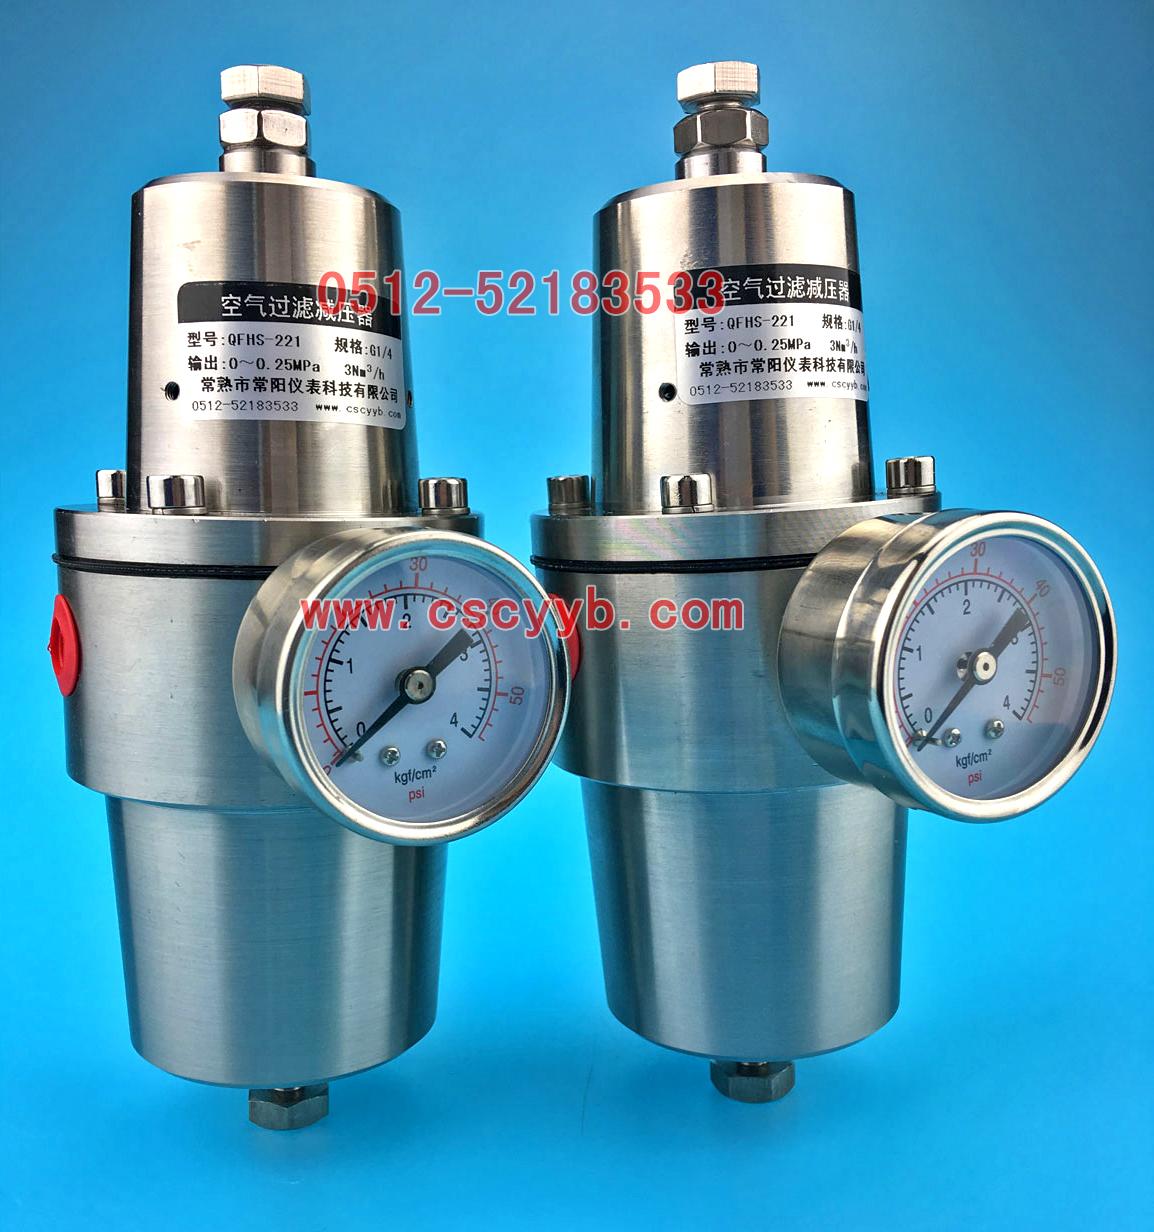 304不锈钢过滤调压阀,316不锈钢过滤减压阀,QFHS不锈钢空气过滤减压器